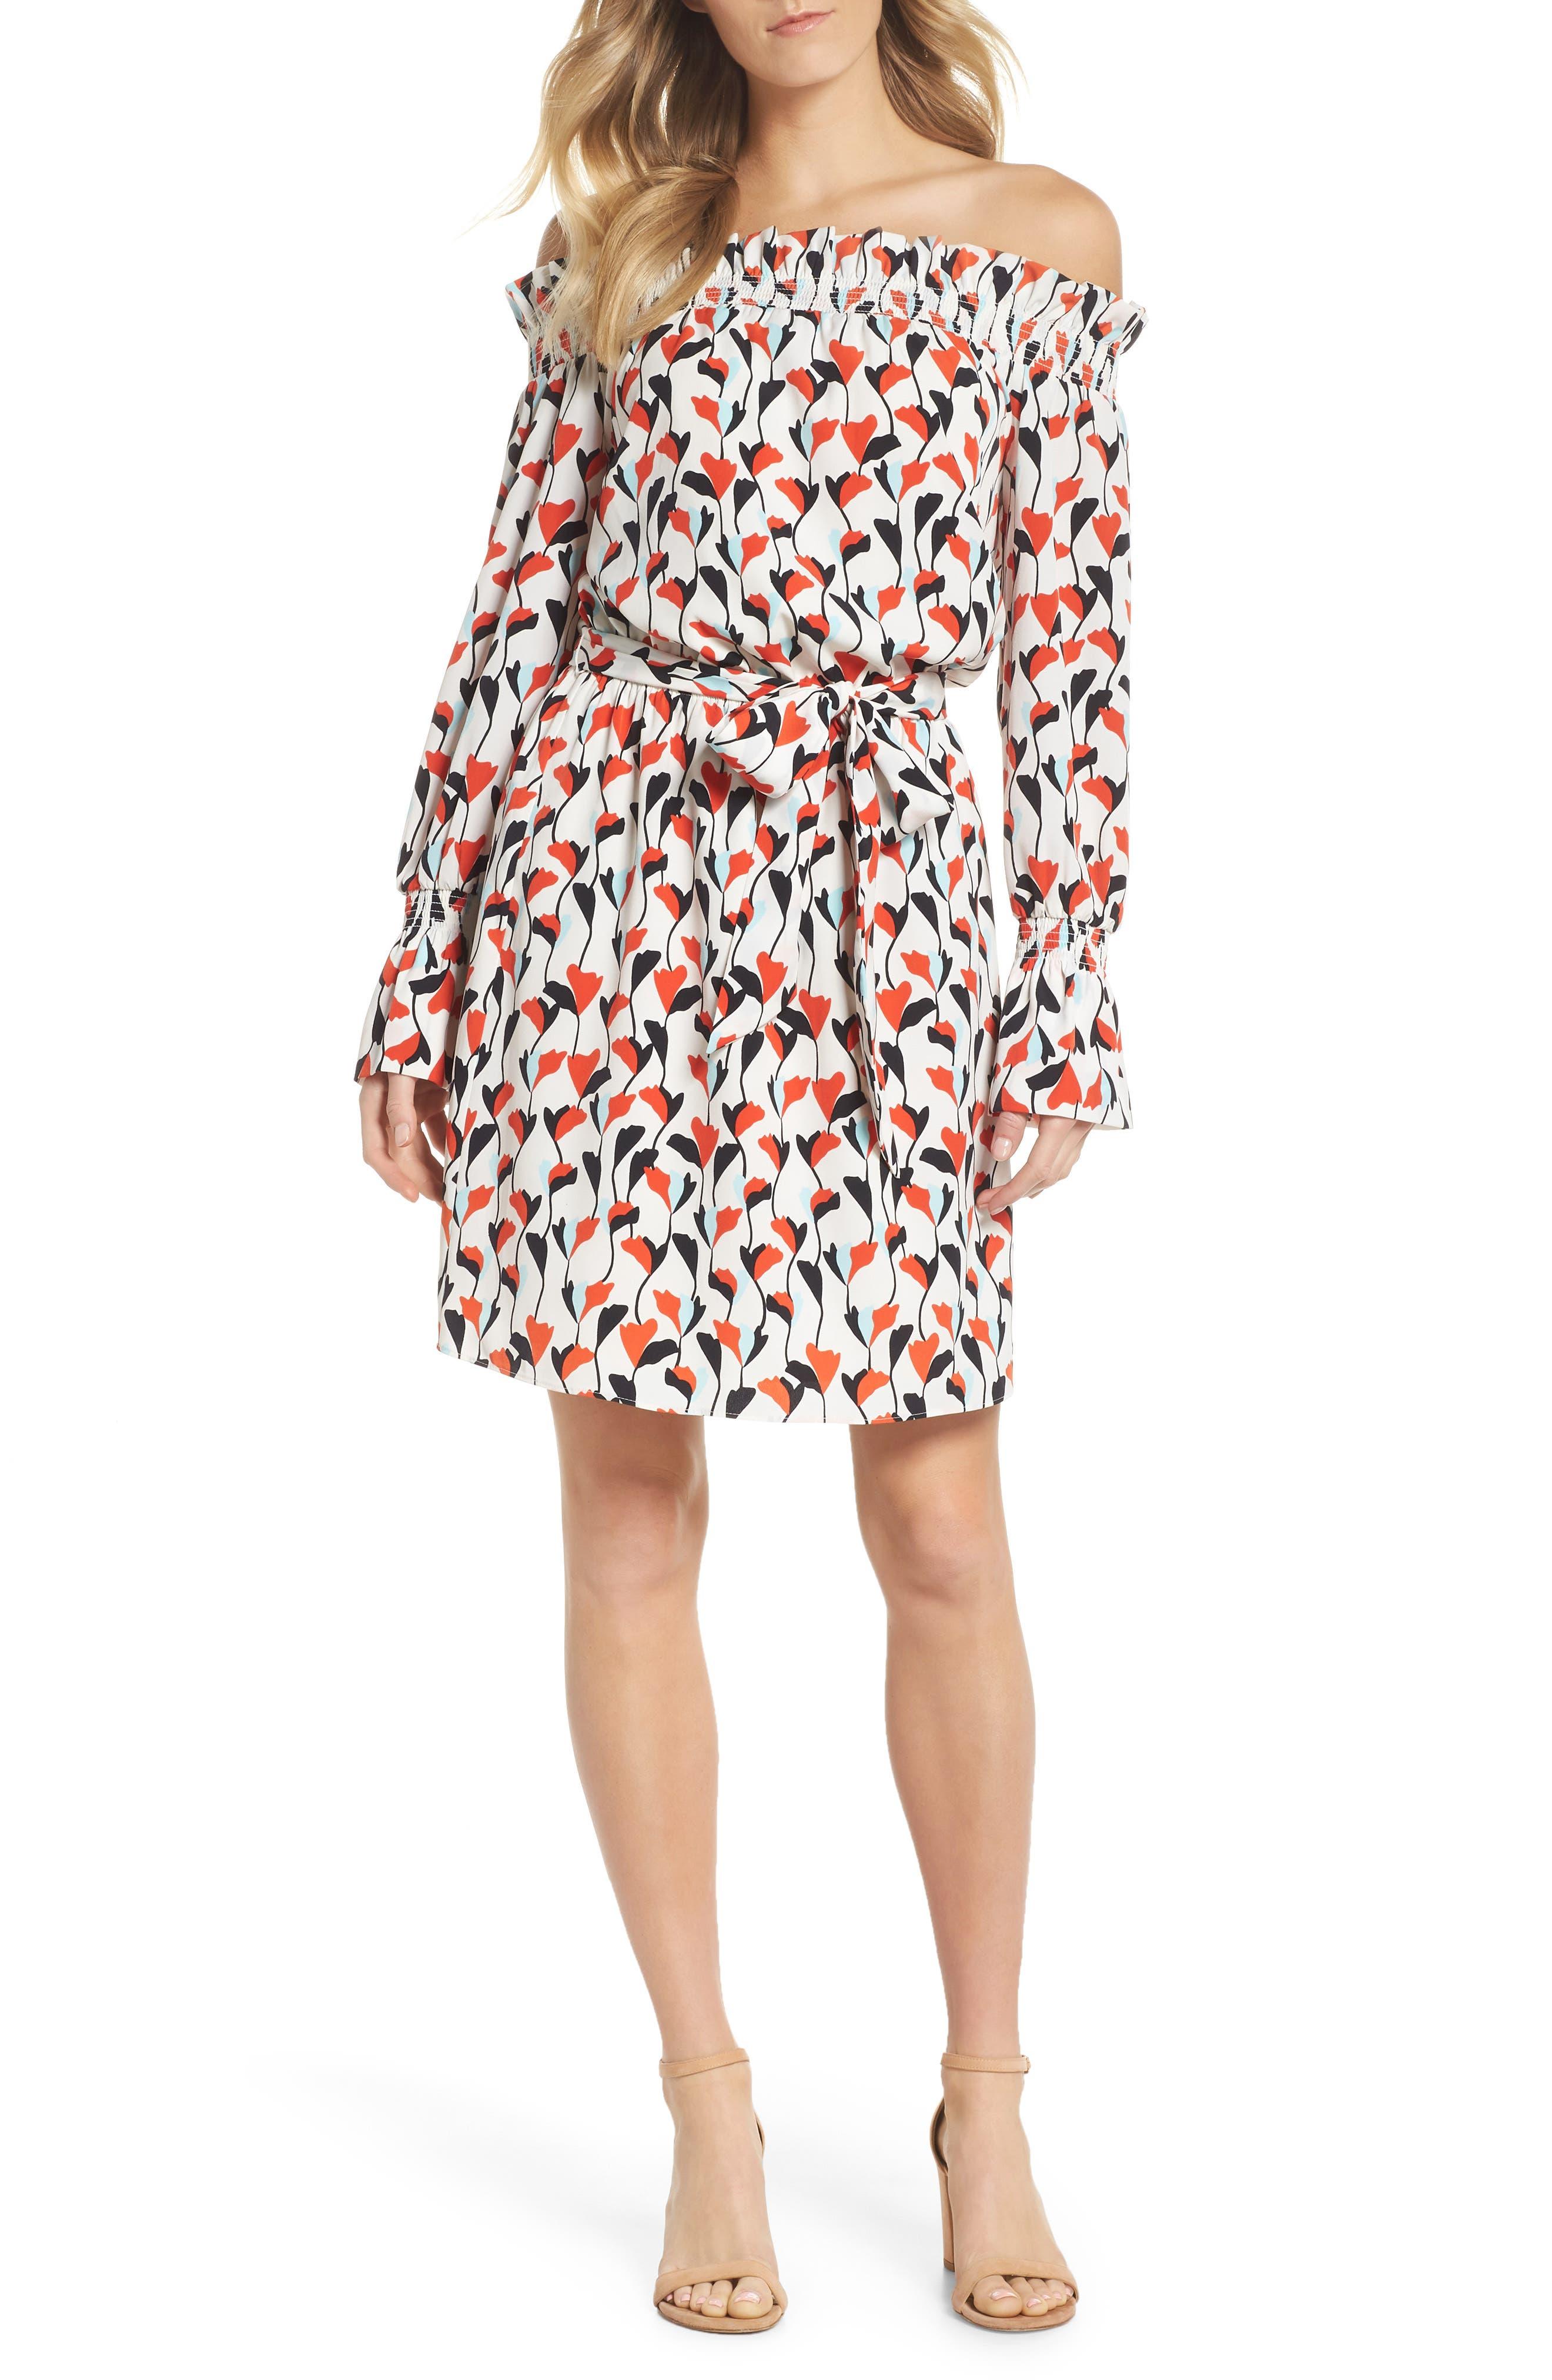 Floral Off the Shoulder Tie Waist Dress,                             Main thumbnail 1, color,                             Soft White/ Powder Blue